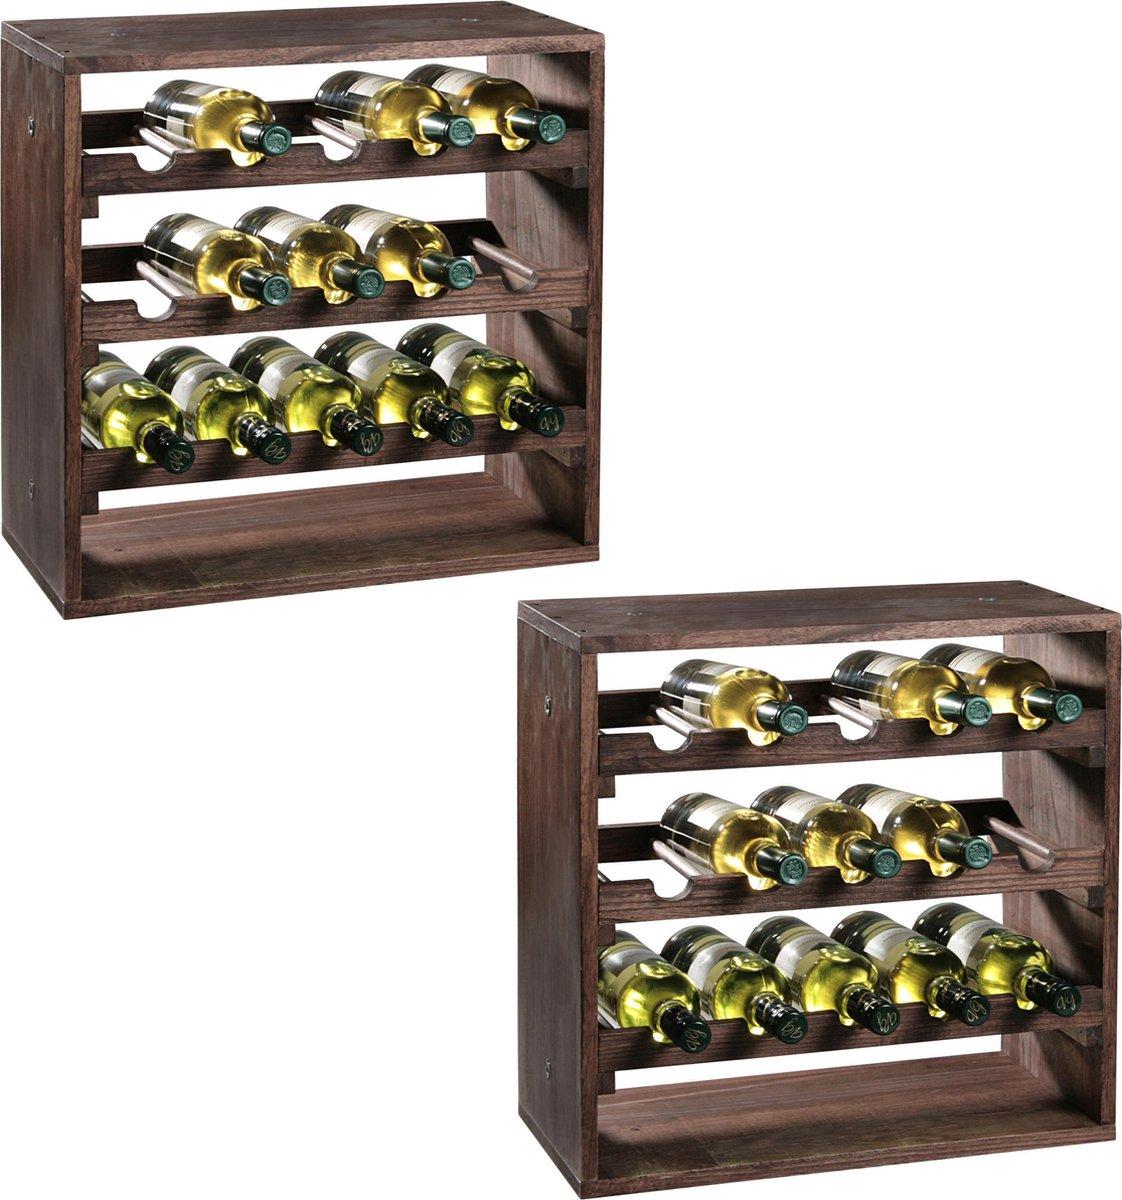 2x Houten wijnflessen rekken/wijnrekken vierkant voor 30 flessen 25 x 50 x 50 cm - Woonaccessoires/decoratie - Wijnflesrek/wijnrek